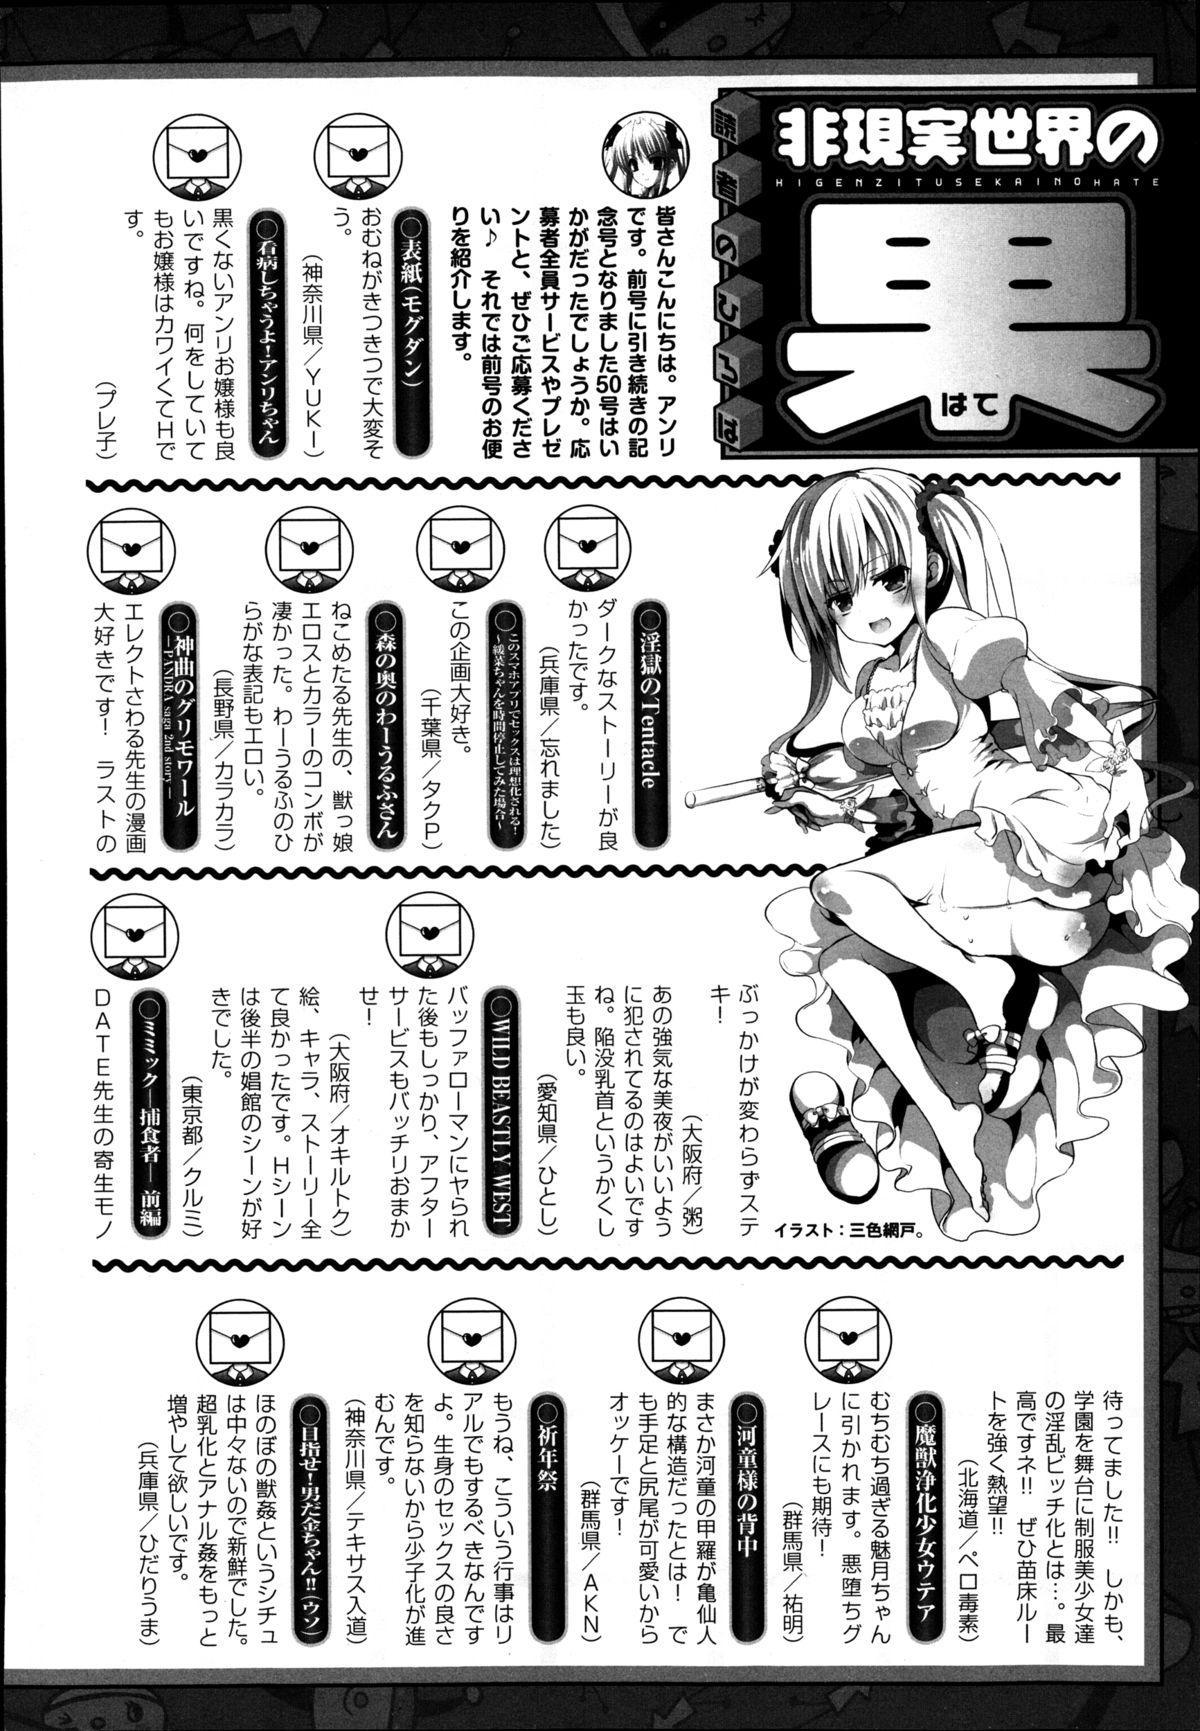 COMIC Unreal 2014-08 Vol.50 477